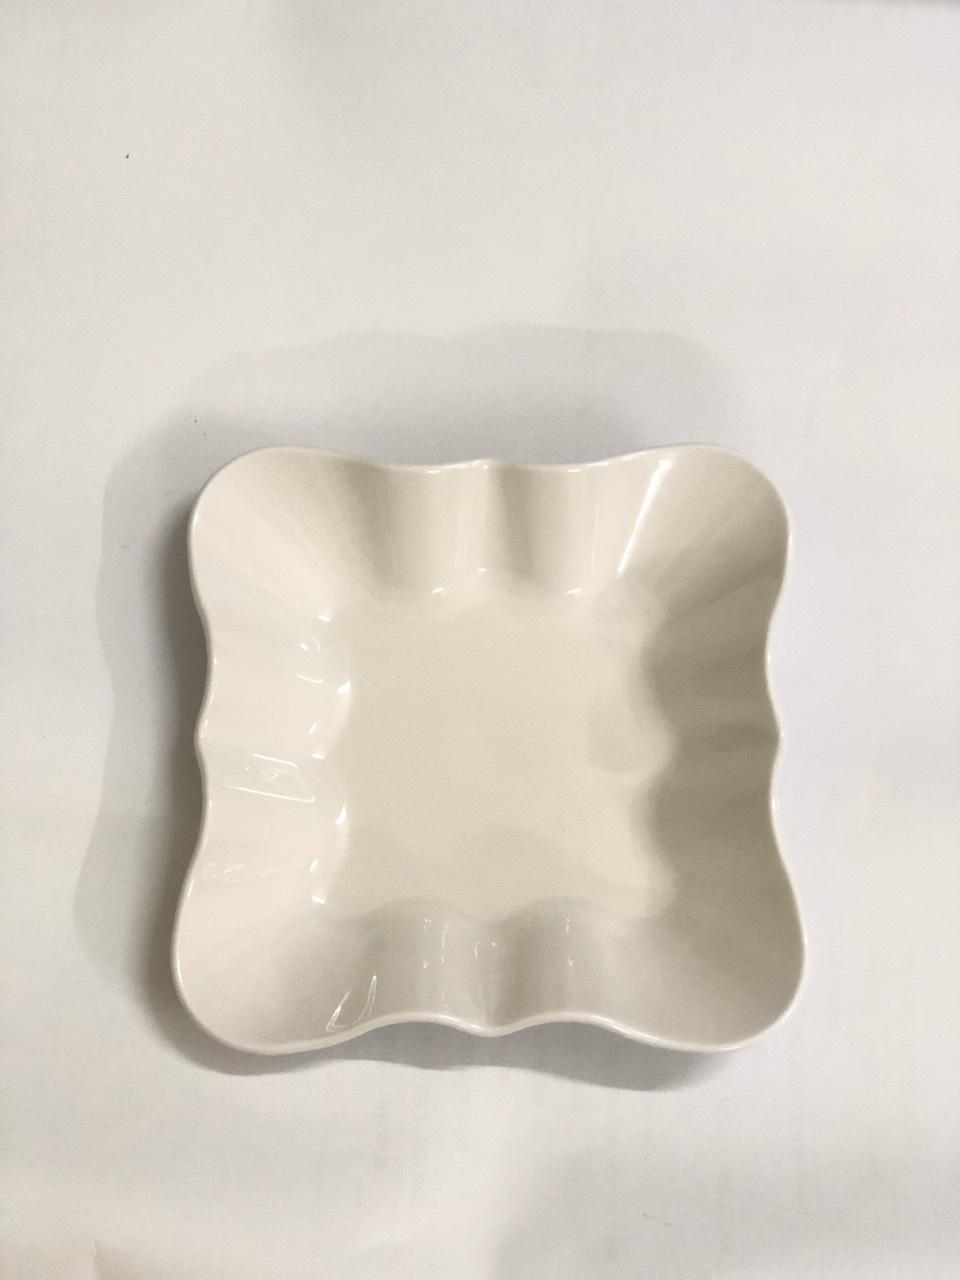 Bộ 5 đĩa nhựa vuông kiểu to cao cấp Song Long- màu ngẫu nghiên